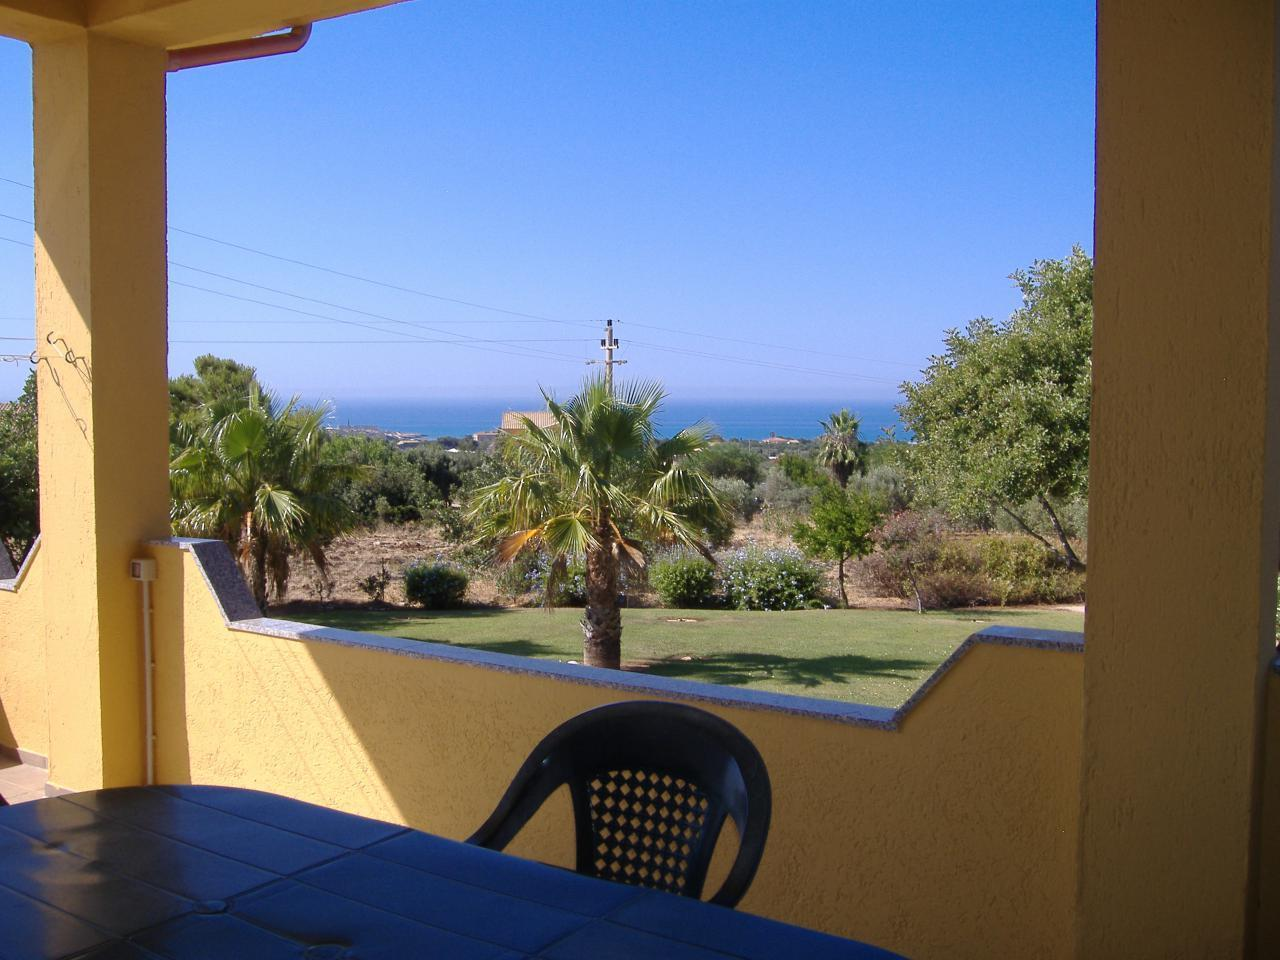 Appartement de vacances Casa Amalia - Ferienwohnung mit Meerblick -  große Terrasse, großer Garten, kostenloses WL (94824), Sampieri, Ragusa, Sicile, Italie, image 2